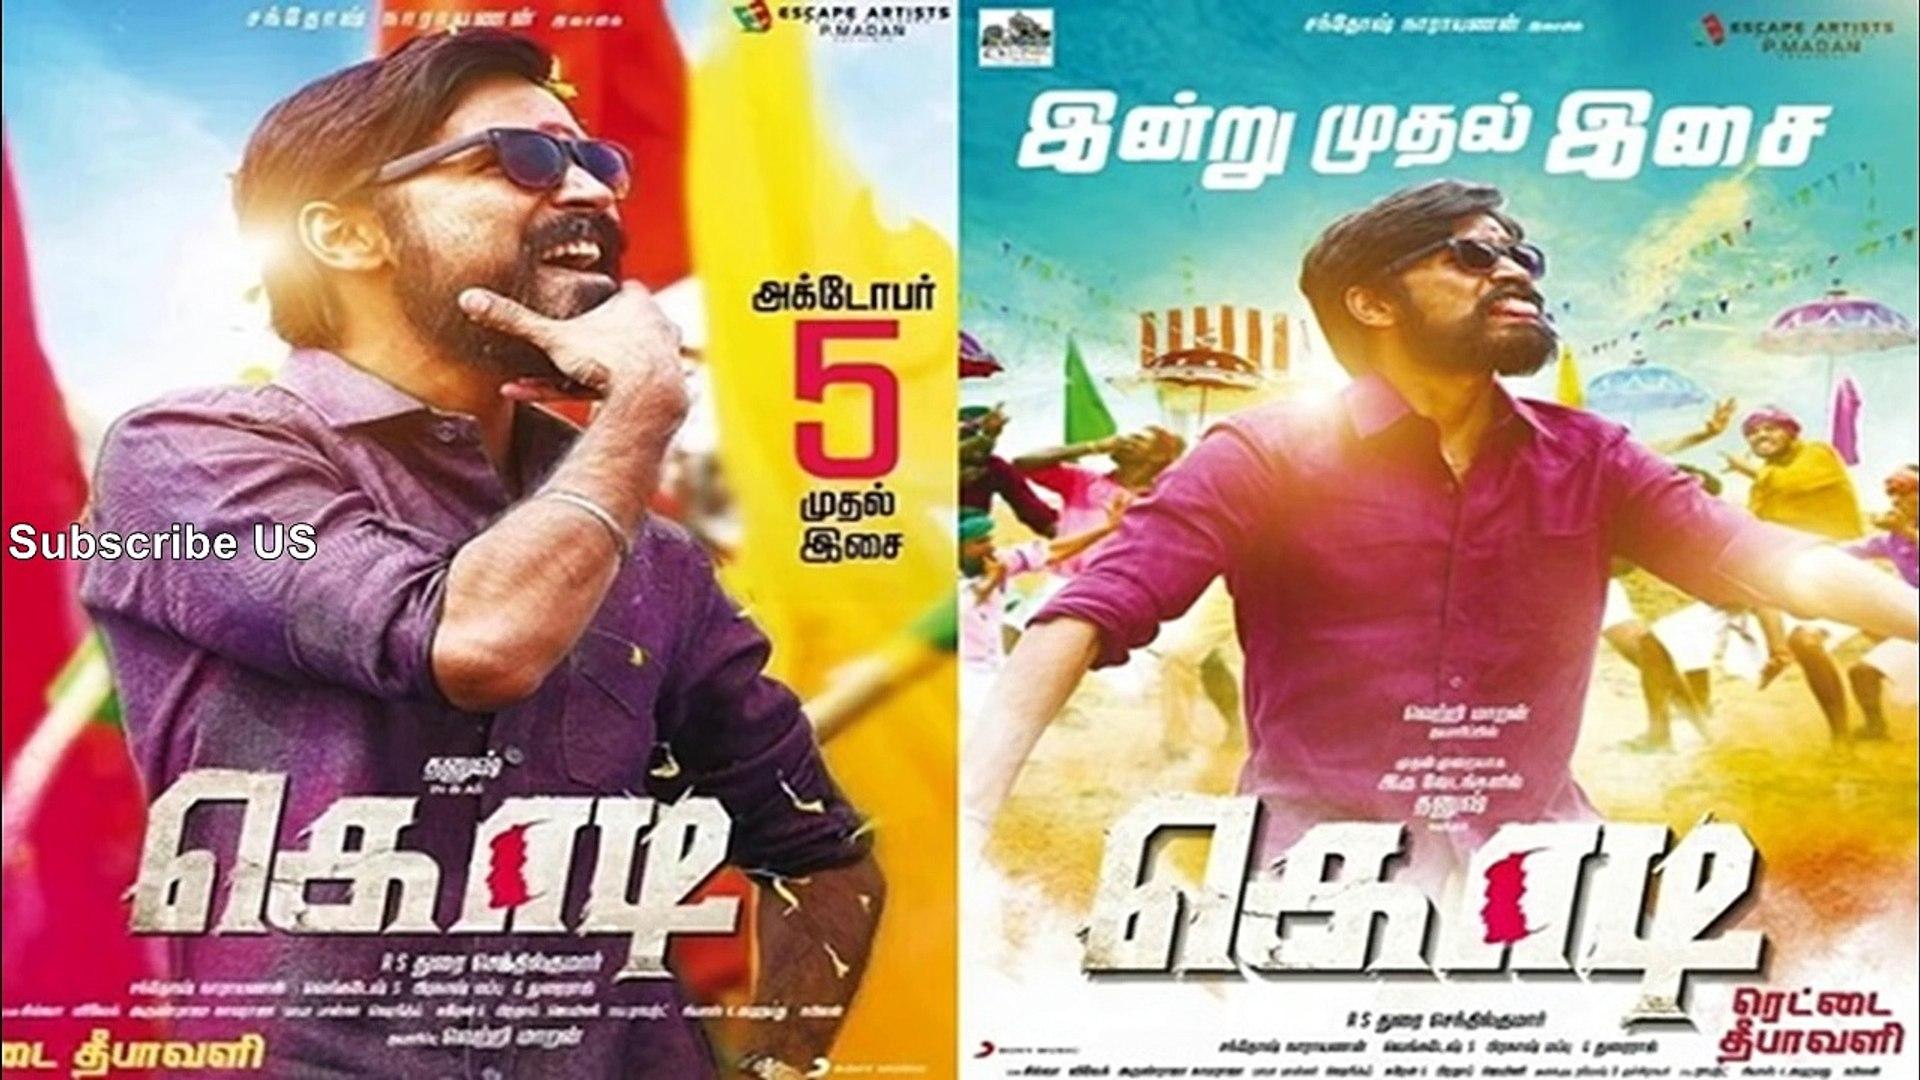 Kodi Full Movie Review | Kodi Movie Review | Kodi Review | Tamil New Movies 2016 Full Movie Review